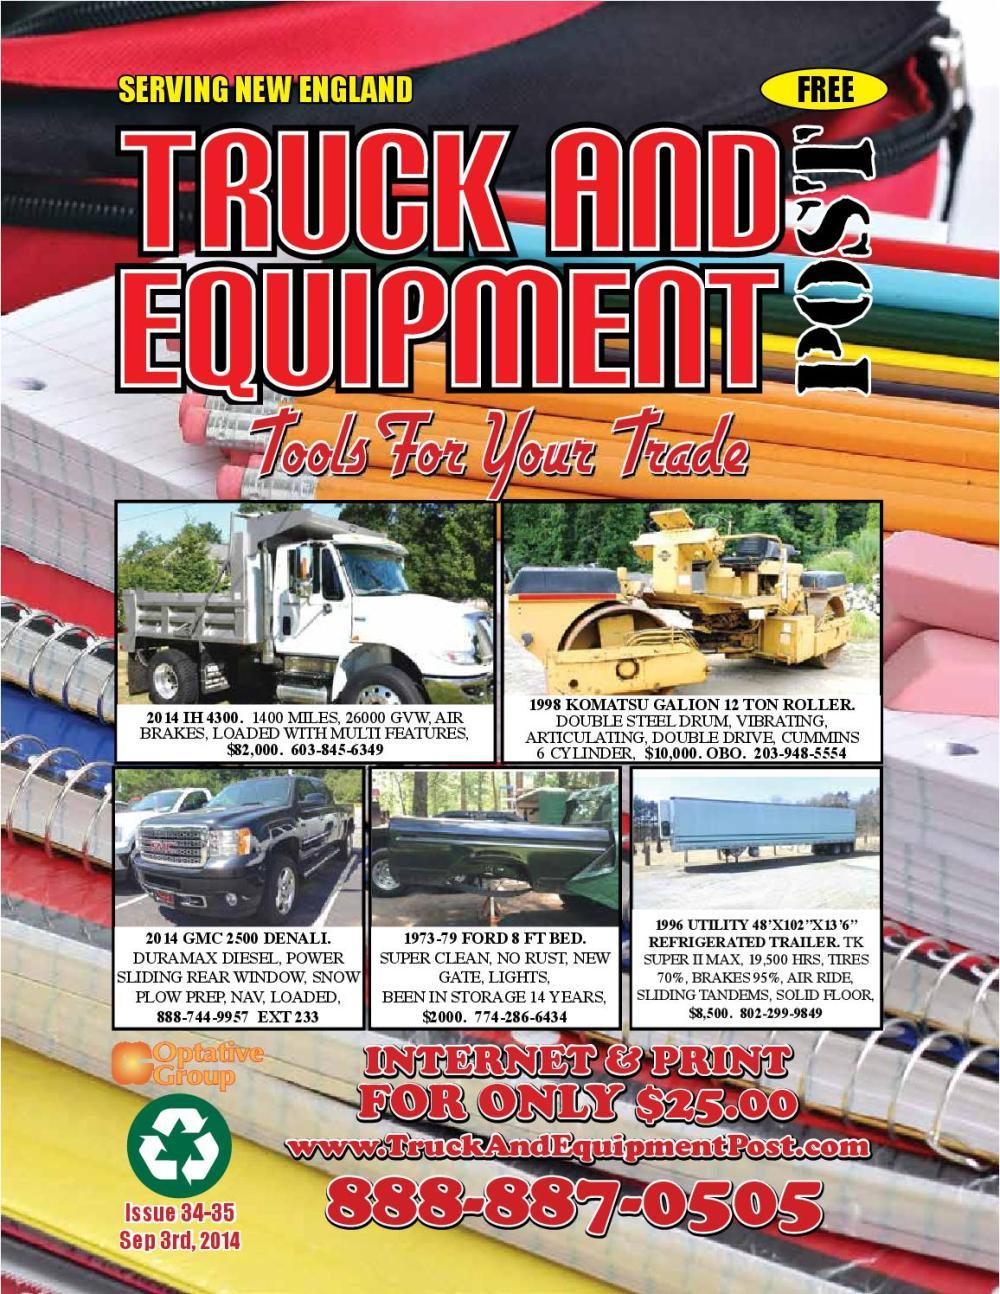 medium resolution of wiring hyundai i10 2014 international 4300 truck international truck equipment post 34 35 2014 by 1clickaway